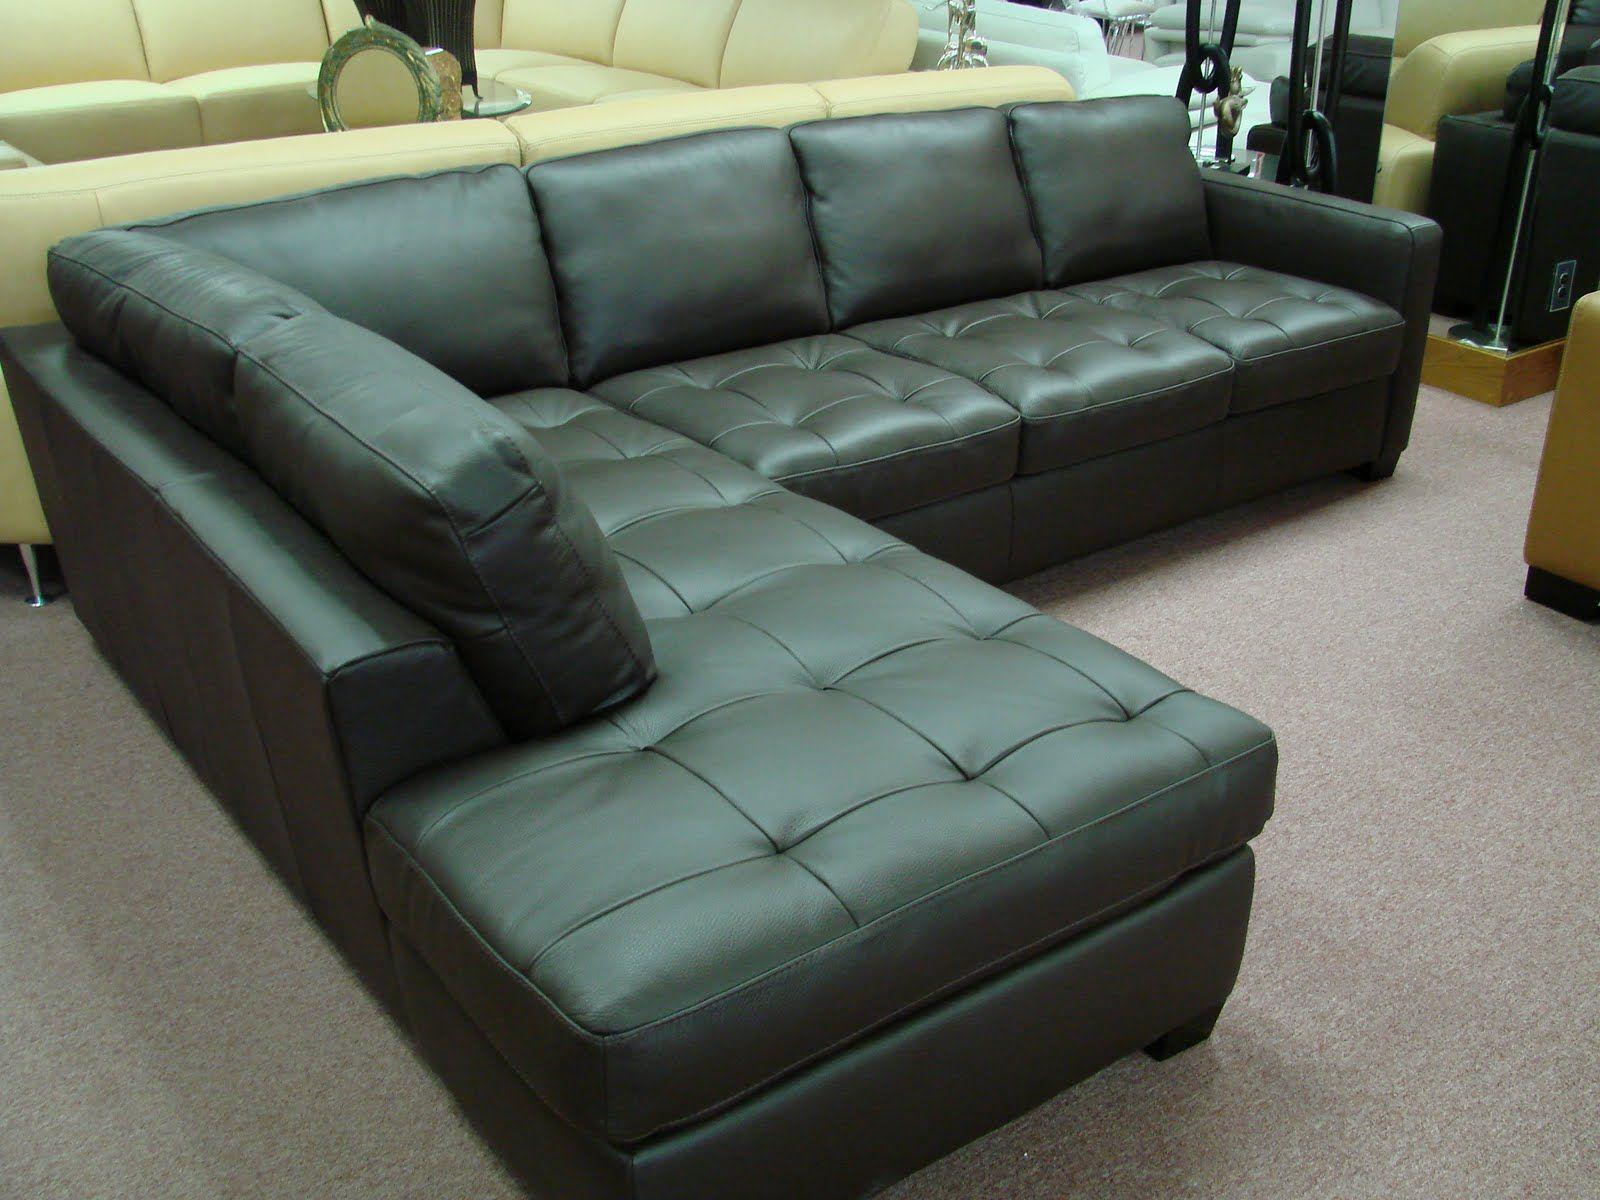 natuzzi i276 black leather sectional